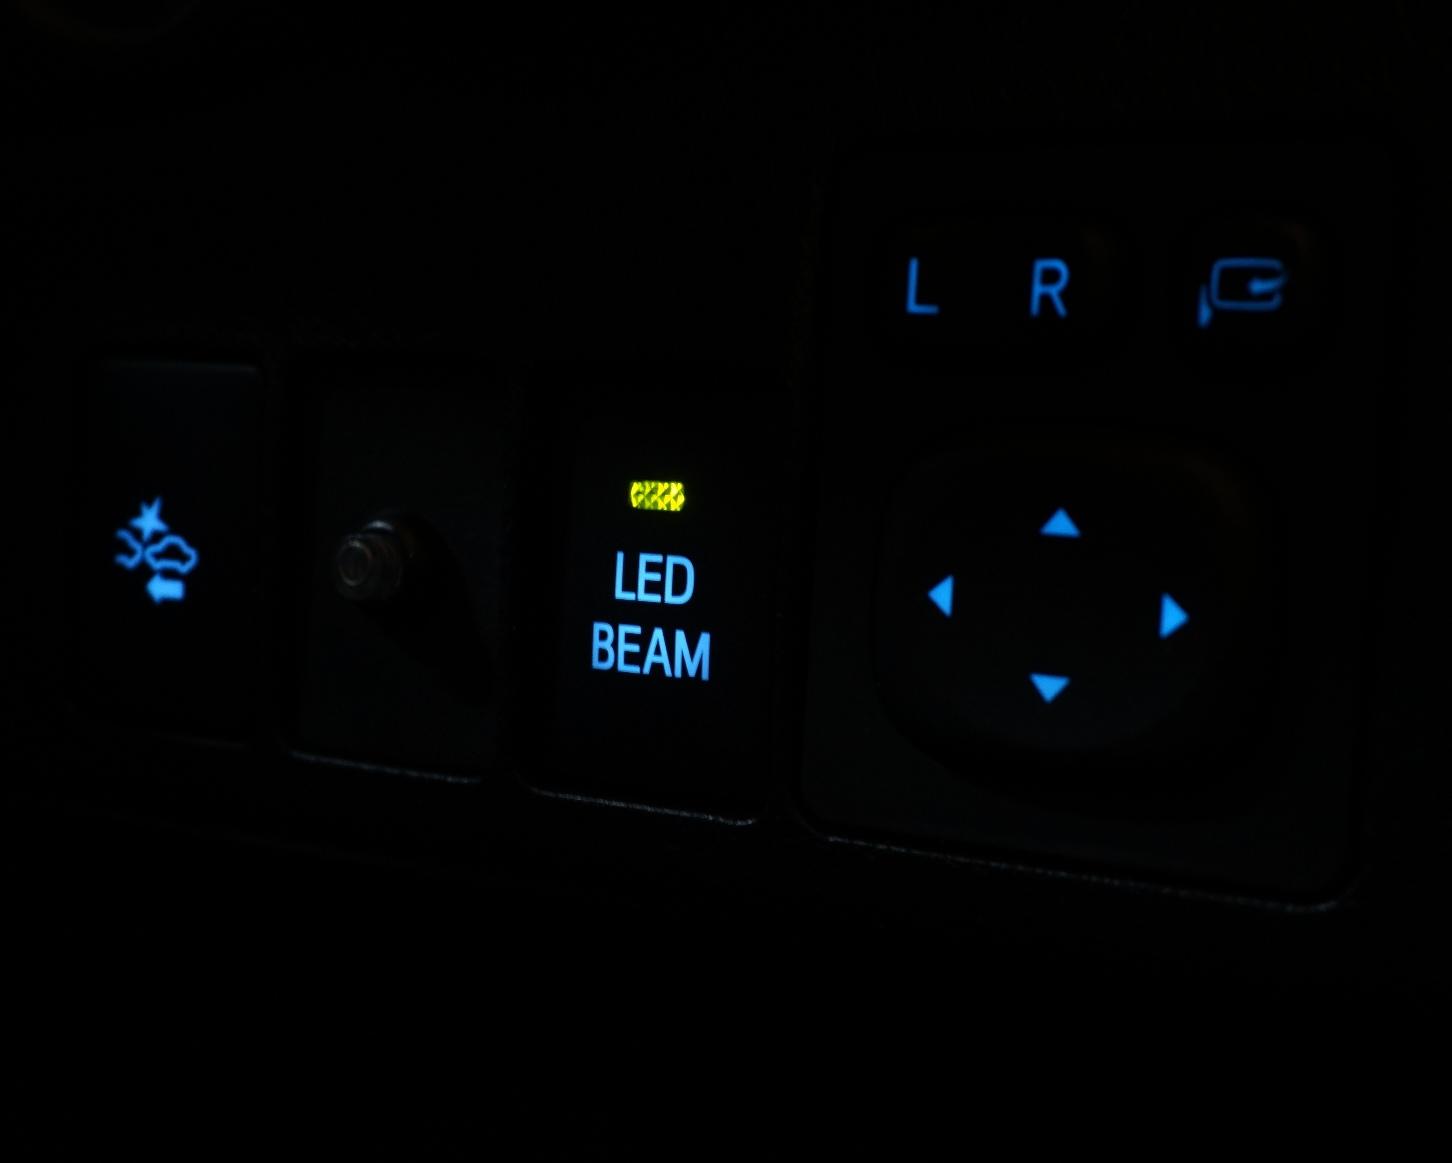 トヨタ(純正) LED BEAMスイッチ